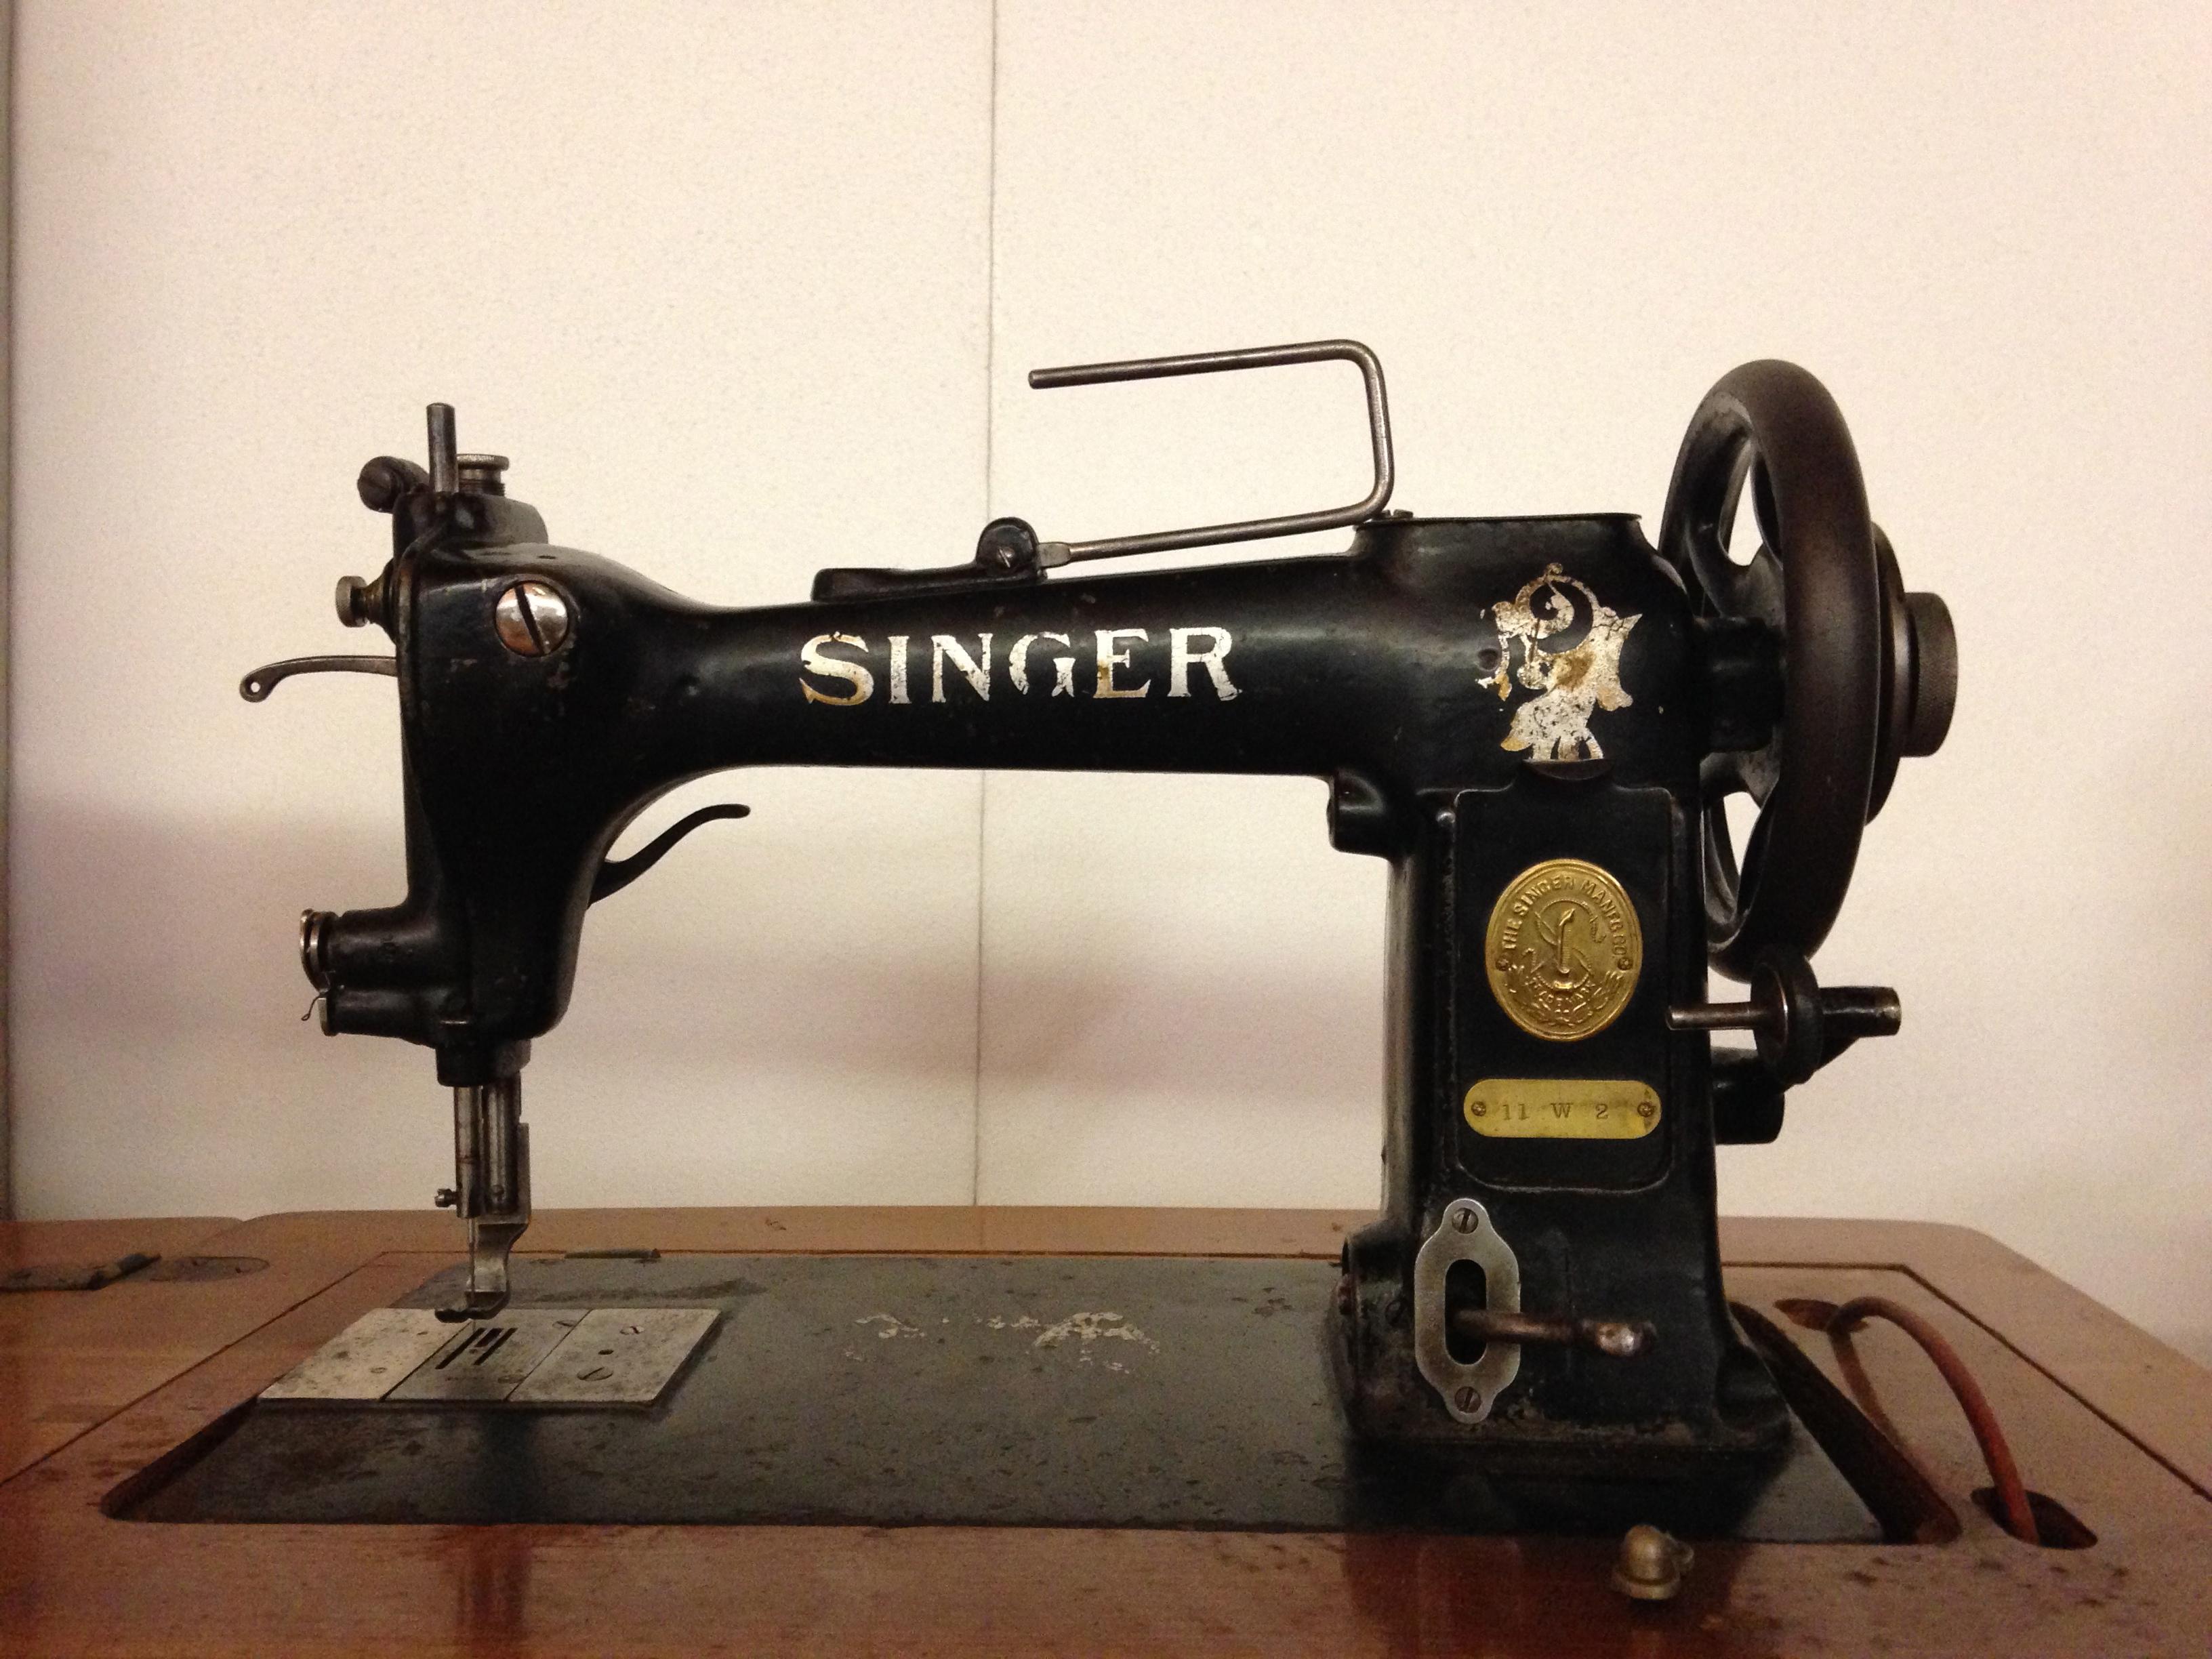 Macchine da cucire singer d 39 epoca nuove o usate offerte for Tavolo macchina da cucire singer